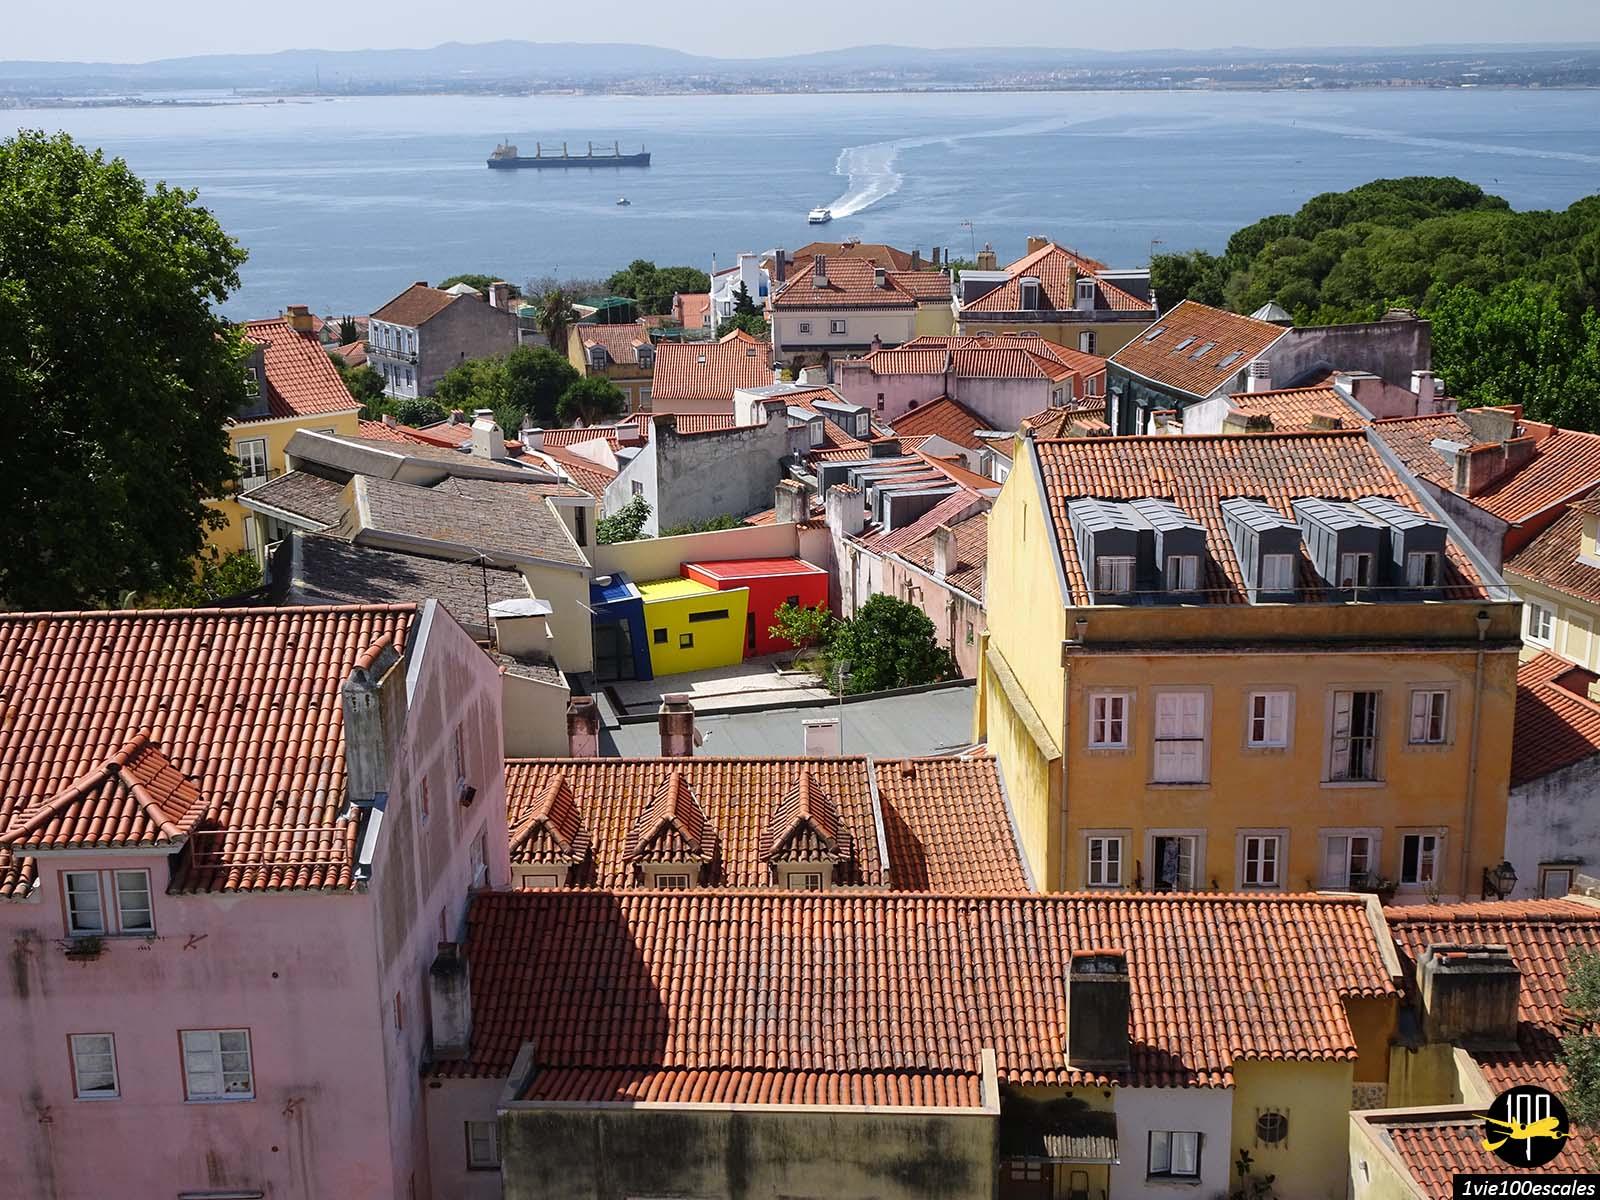 La vue sur la mer depuis le Château Saint-Georges